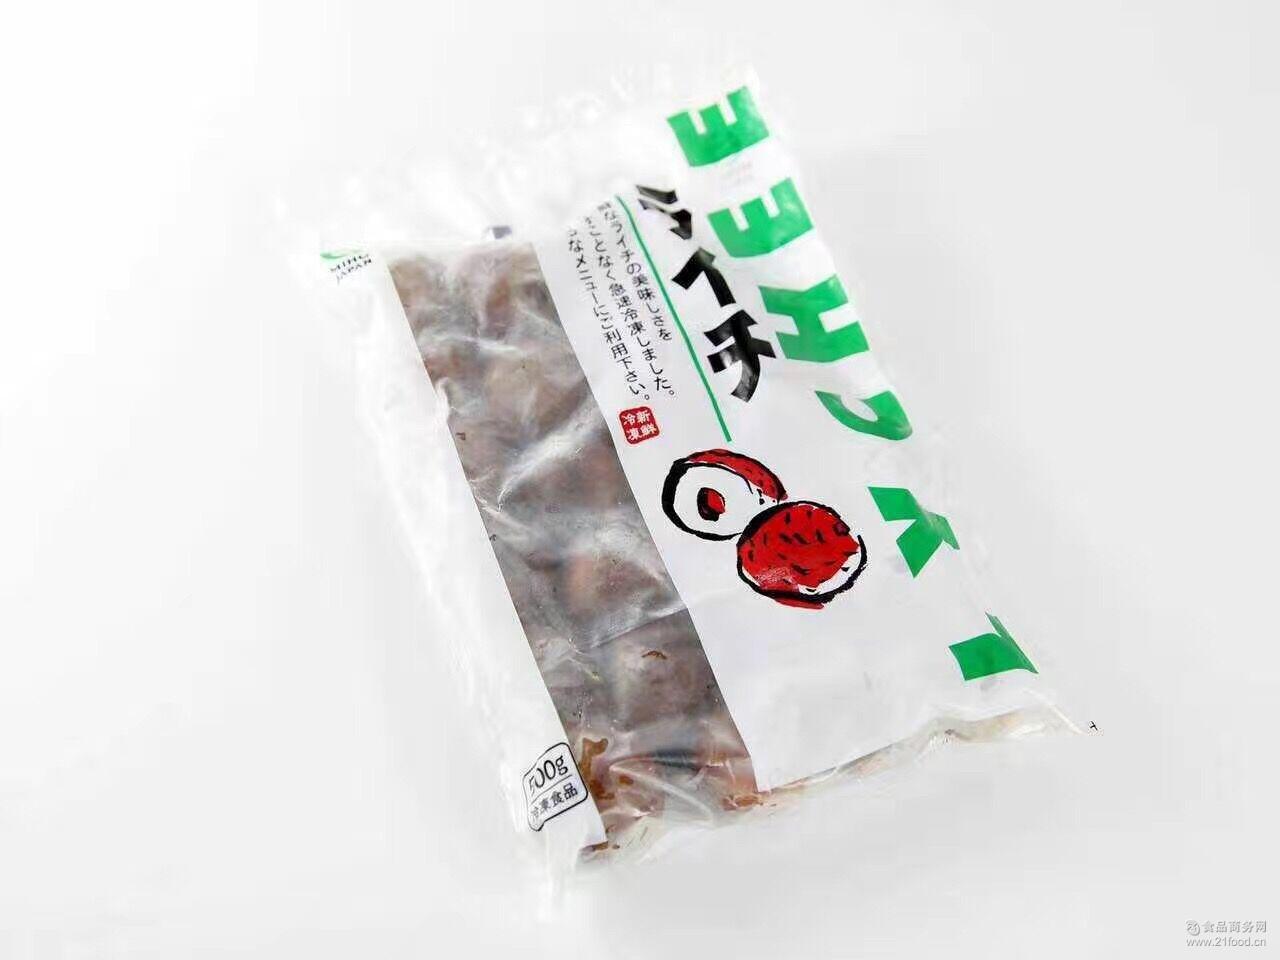 冰冻荔枝进口日本出口速冷冻鲜荔枝冰冻荔枝速冻荔枝箱起优惠价